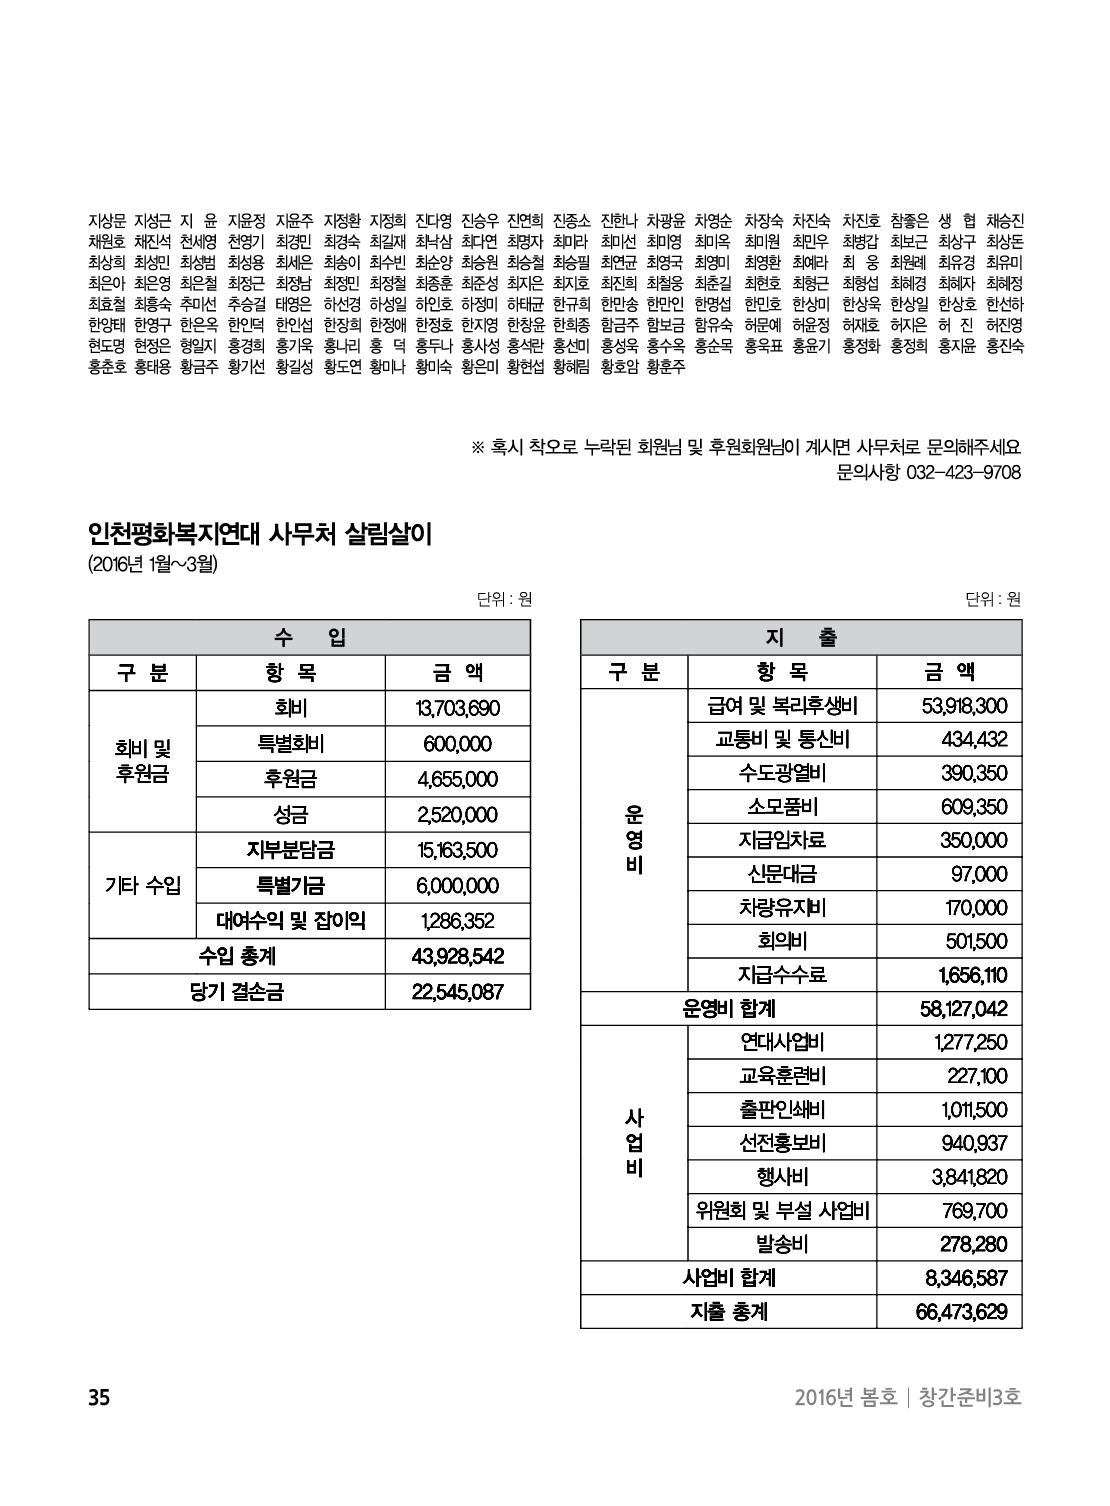 아웃라인 인천평화복지연대 소식지창간준비3호35.jpg